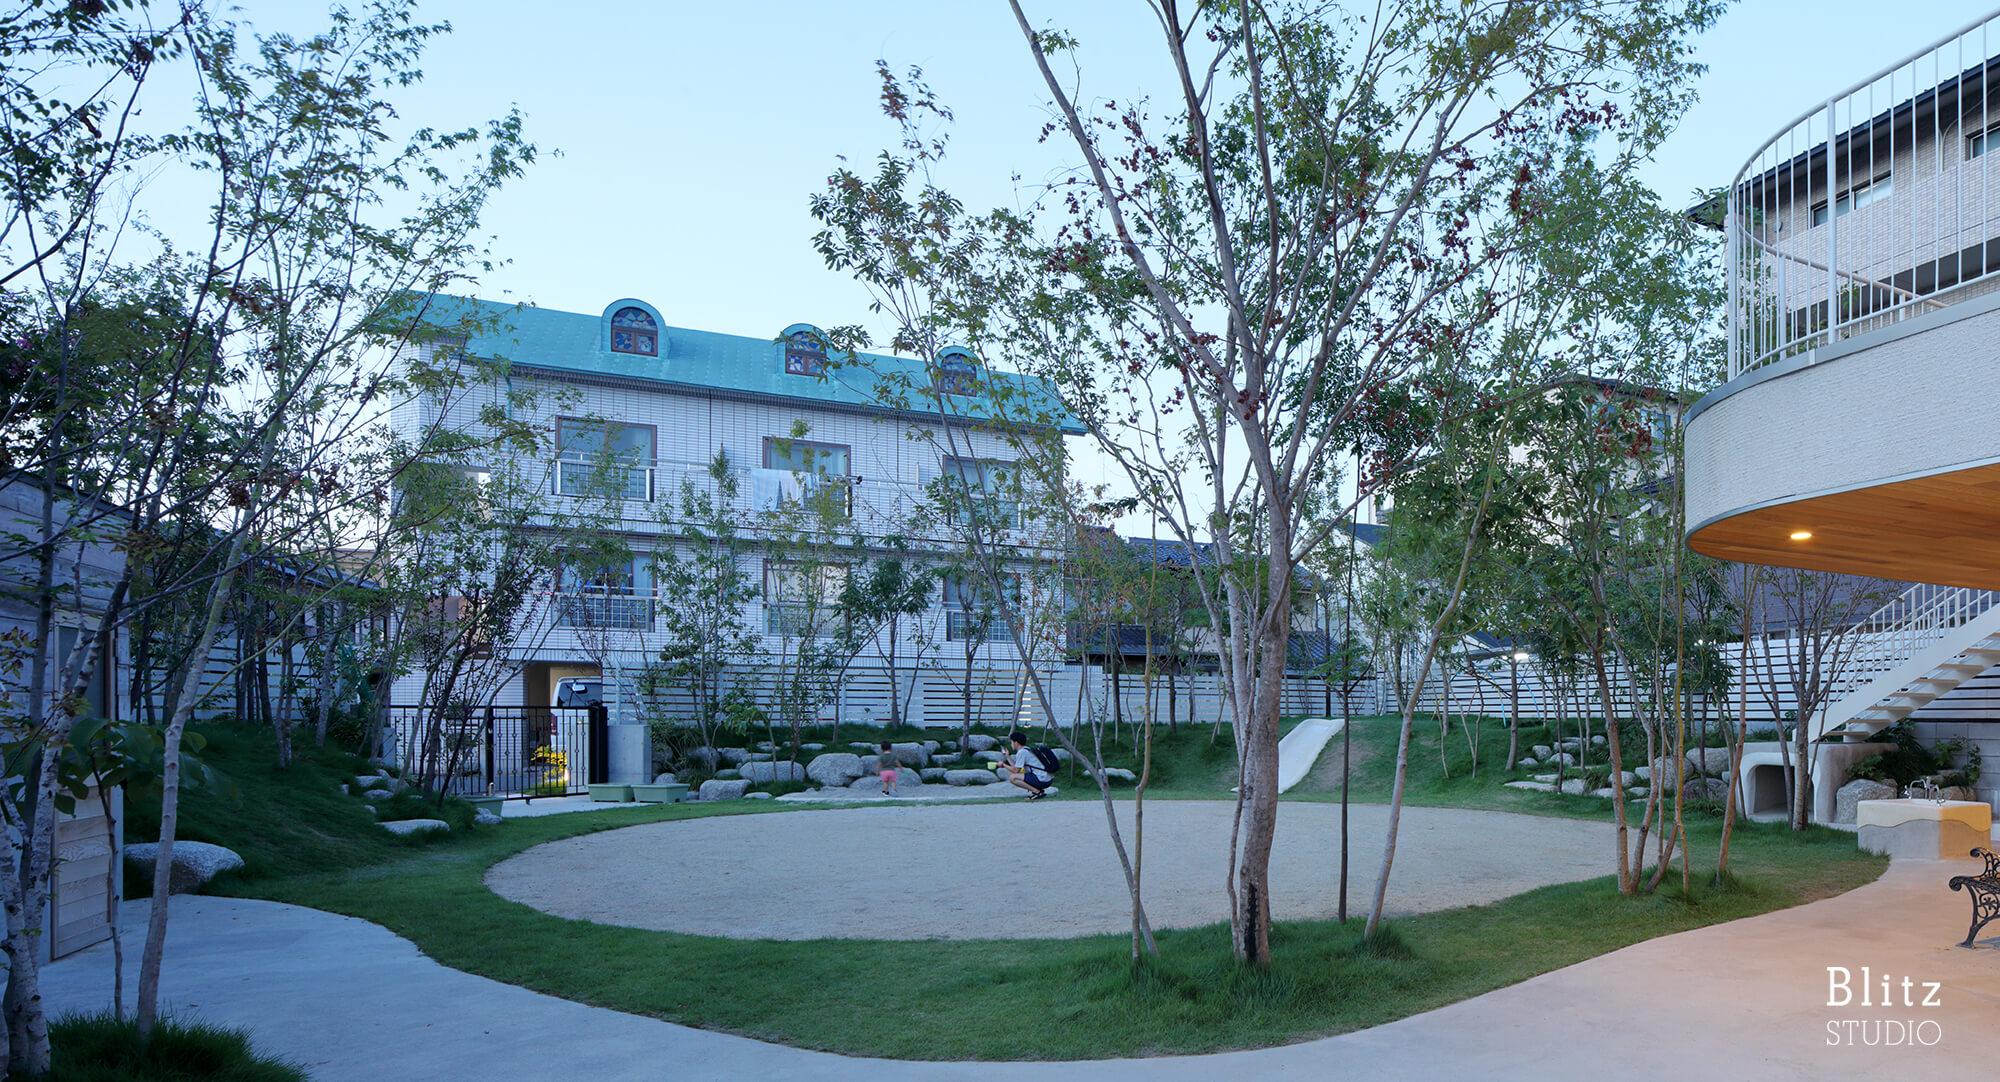 『妙林苑保育園』建築写真・竣工写真・インテリア写真24